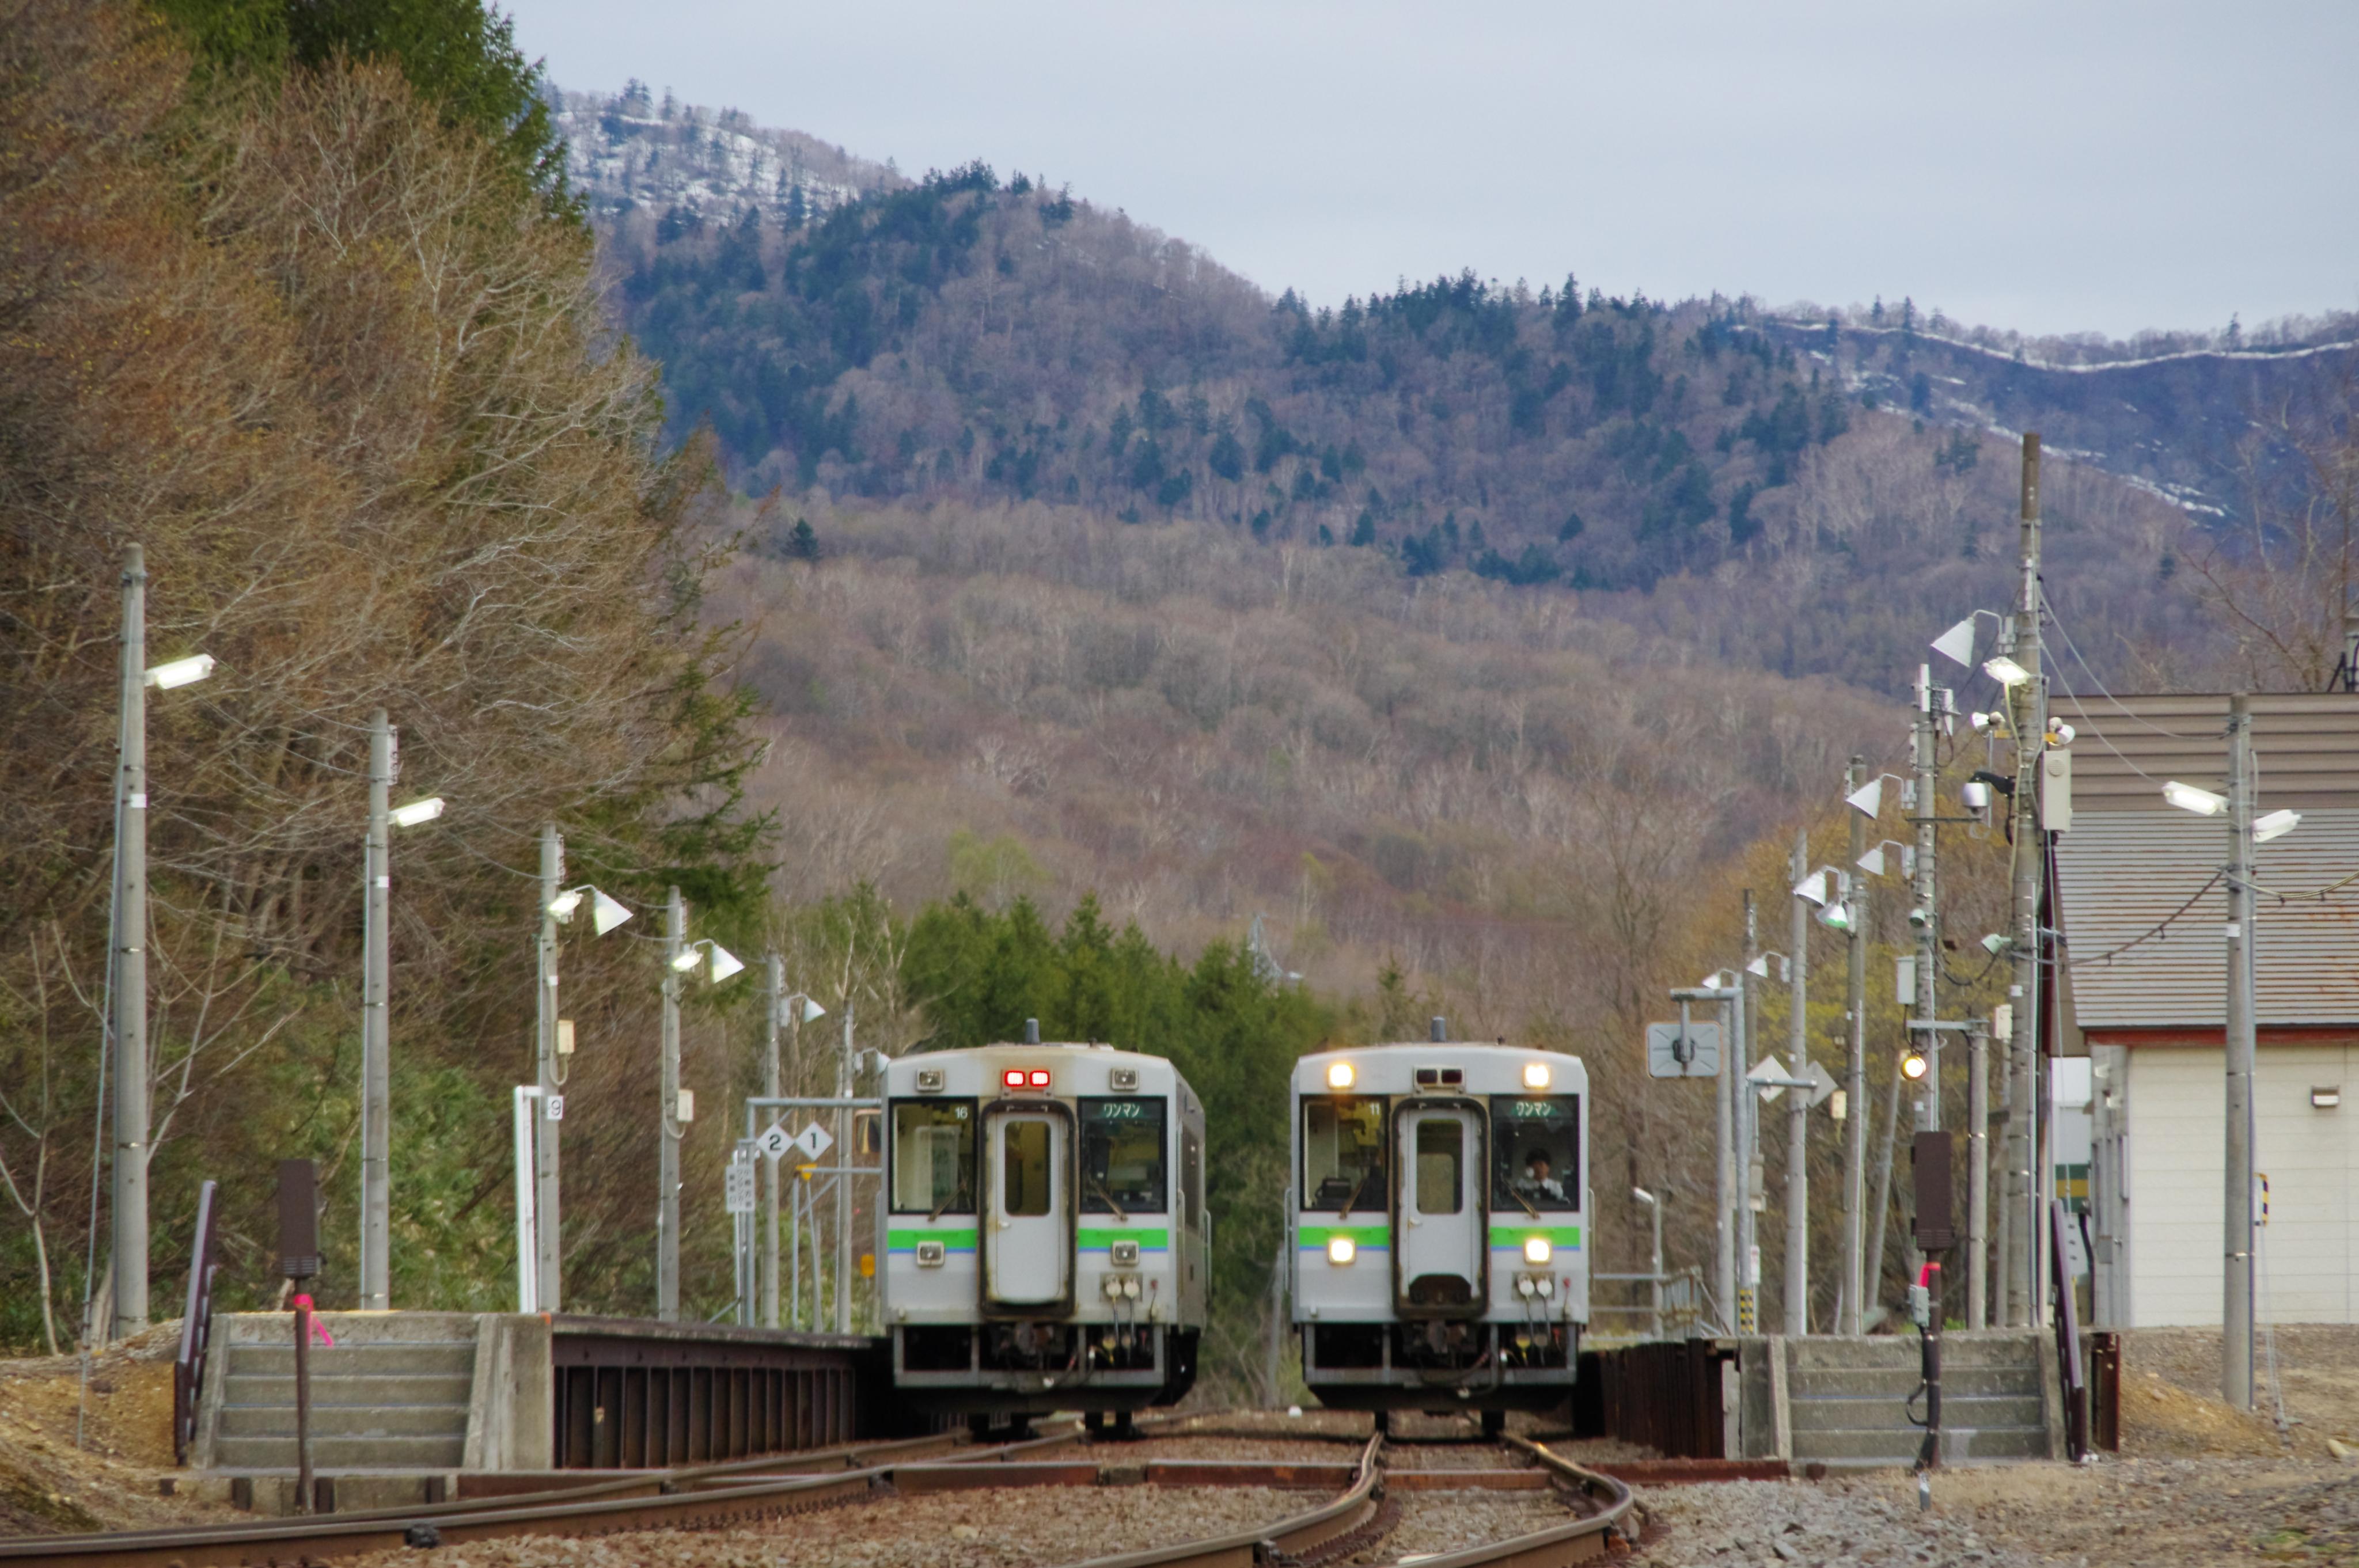 キハ150 1921D & 回5920D 銀山駅 令和始発列車の交換_190501.jpg